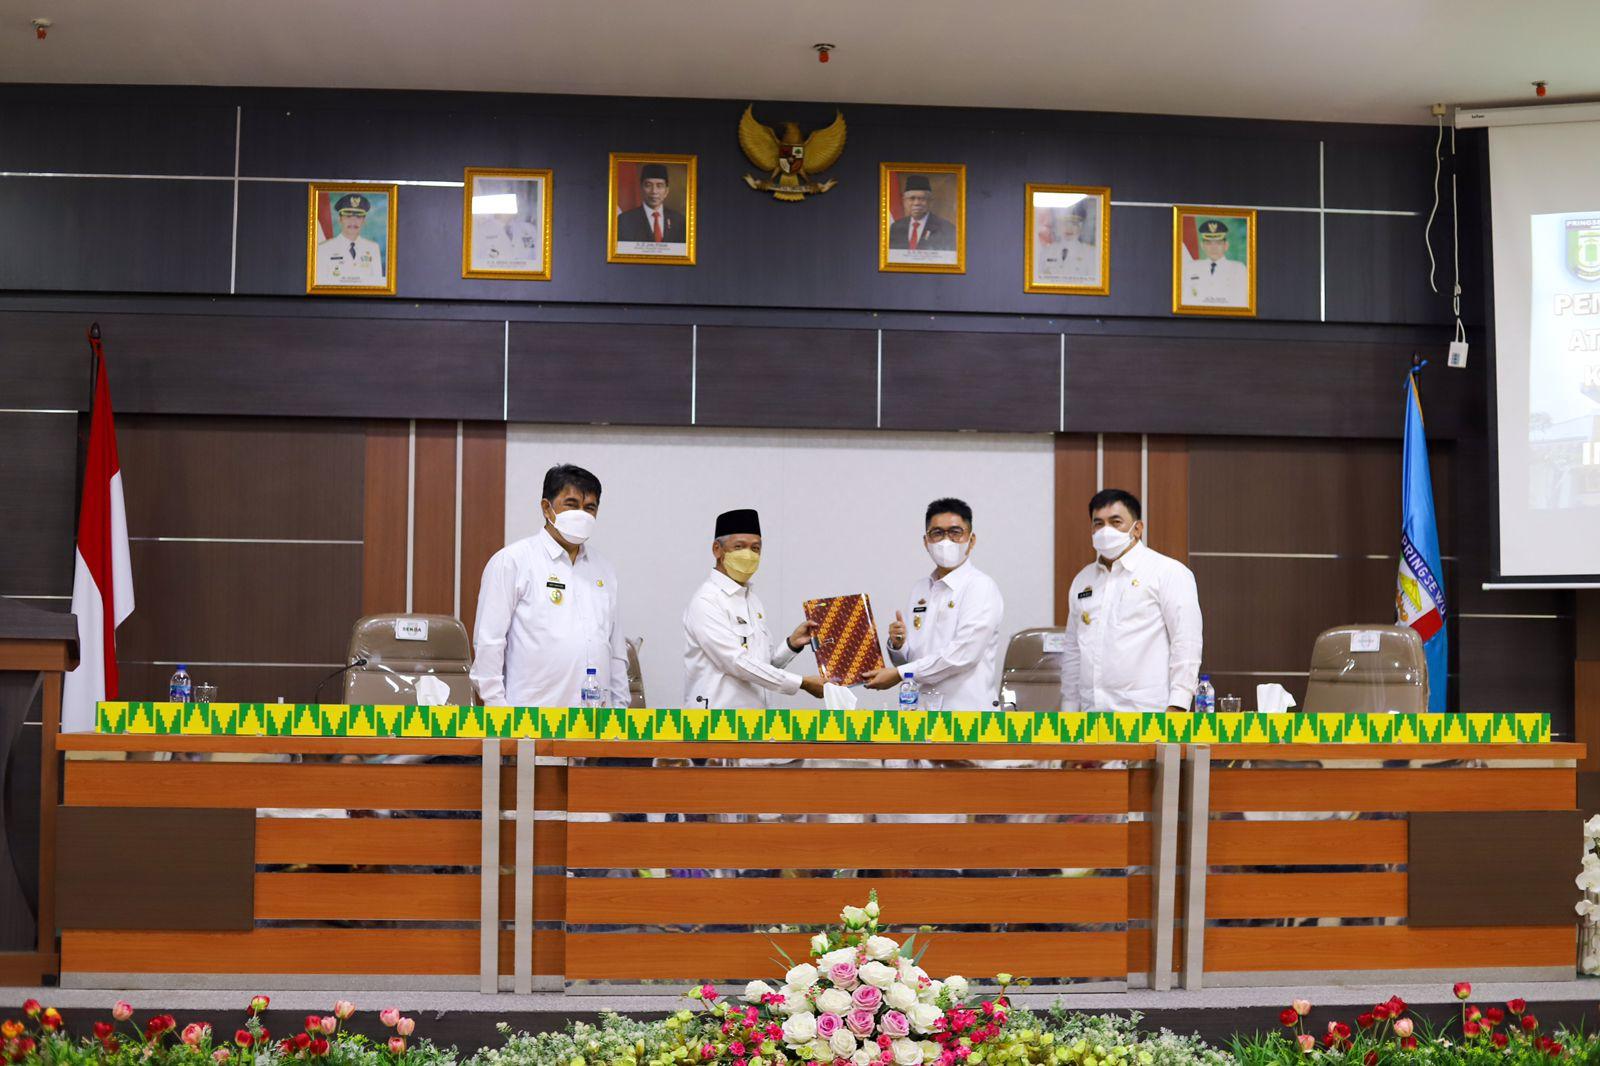 Bupati Pringsewu Menerima Kunjungan Inspektorat Provinsi Lampung